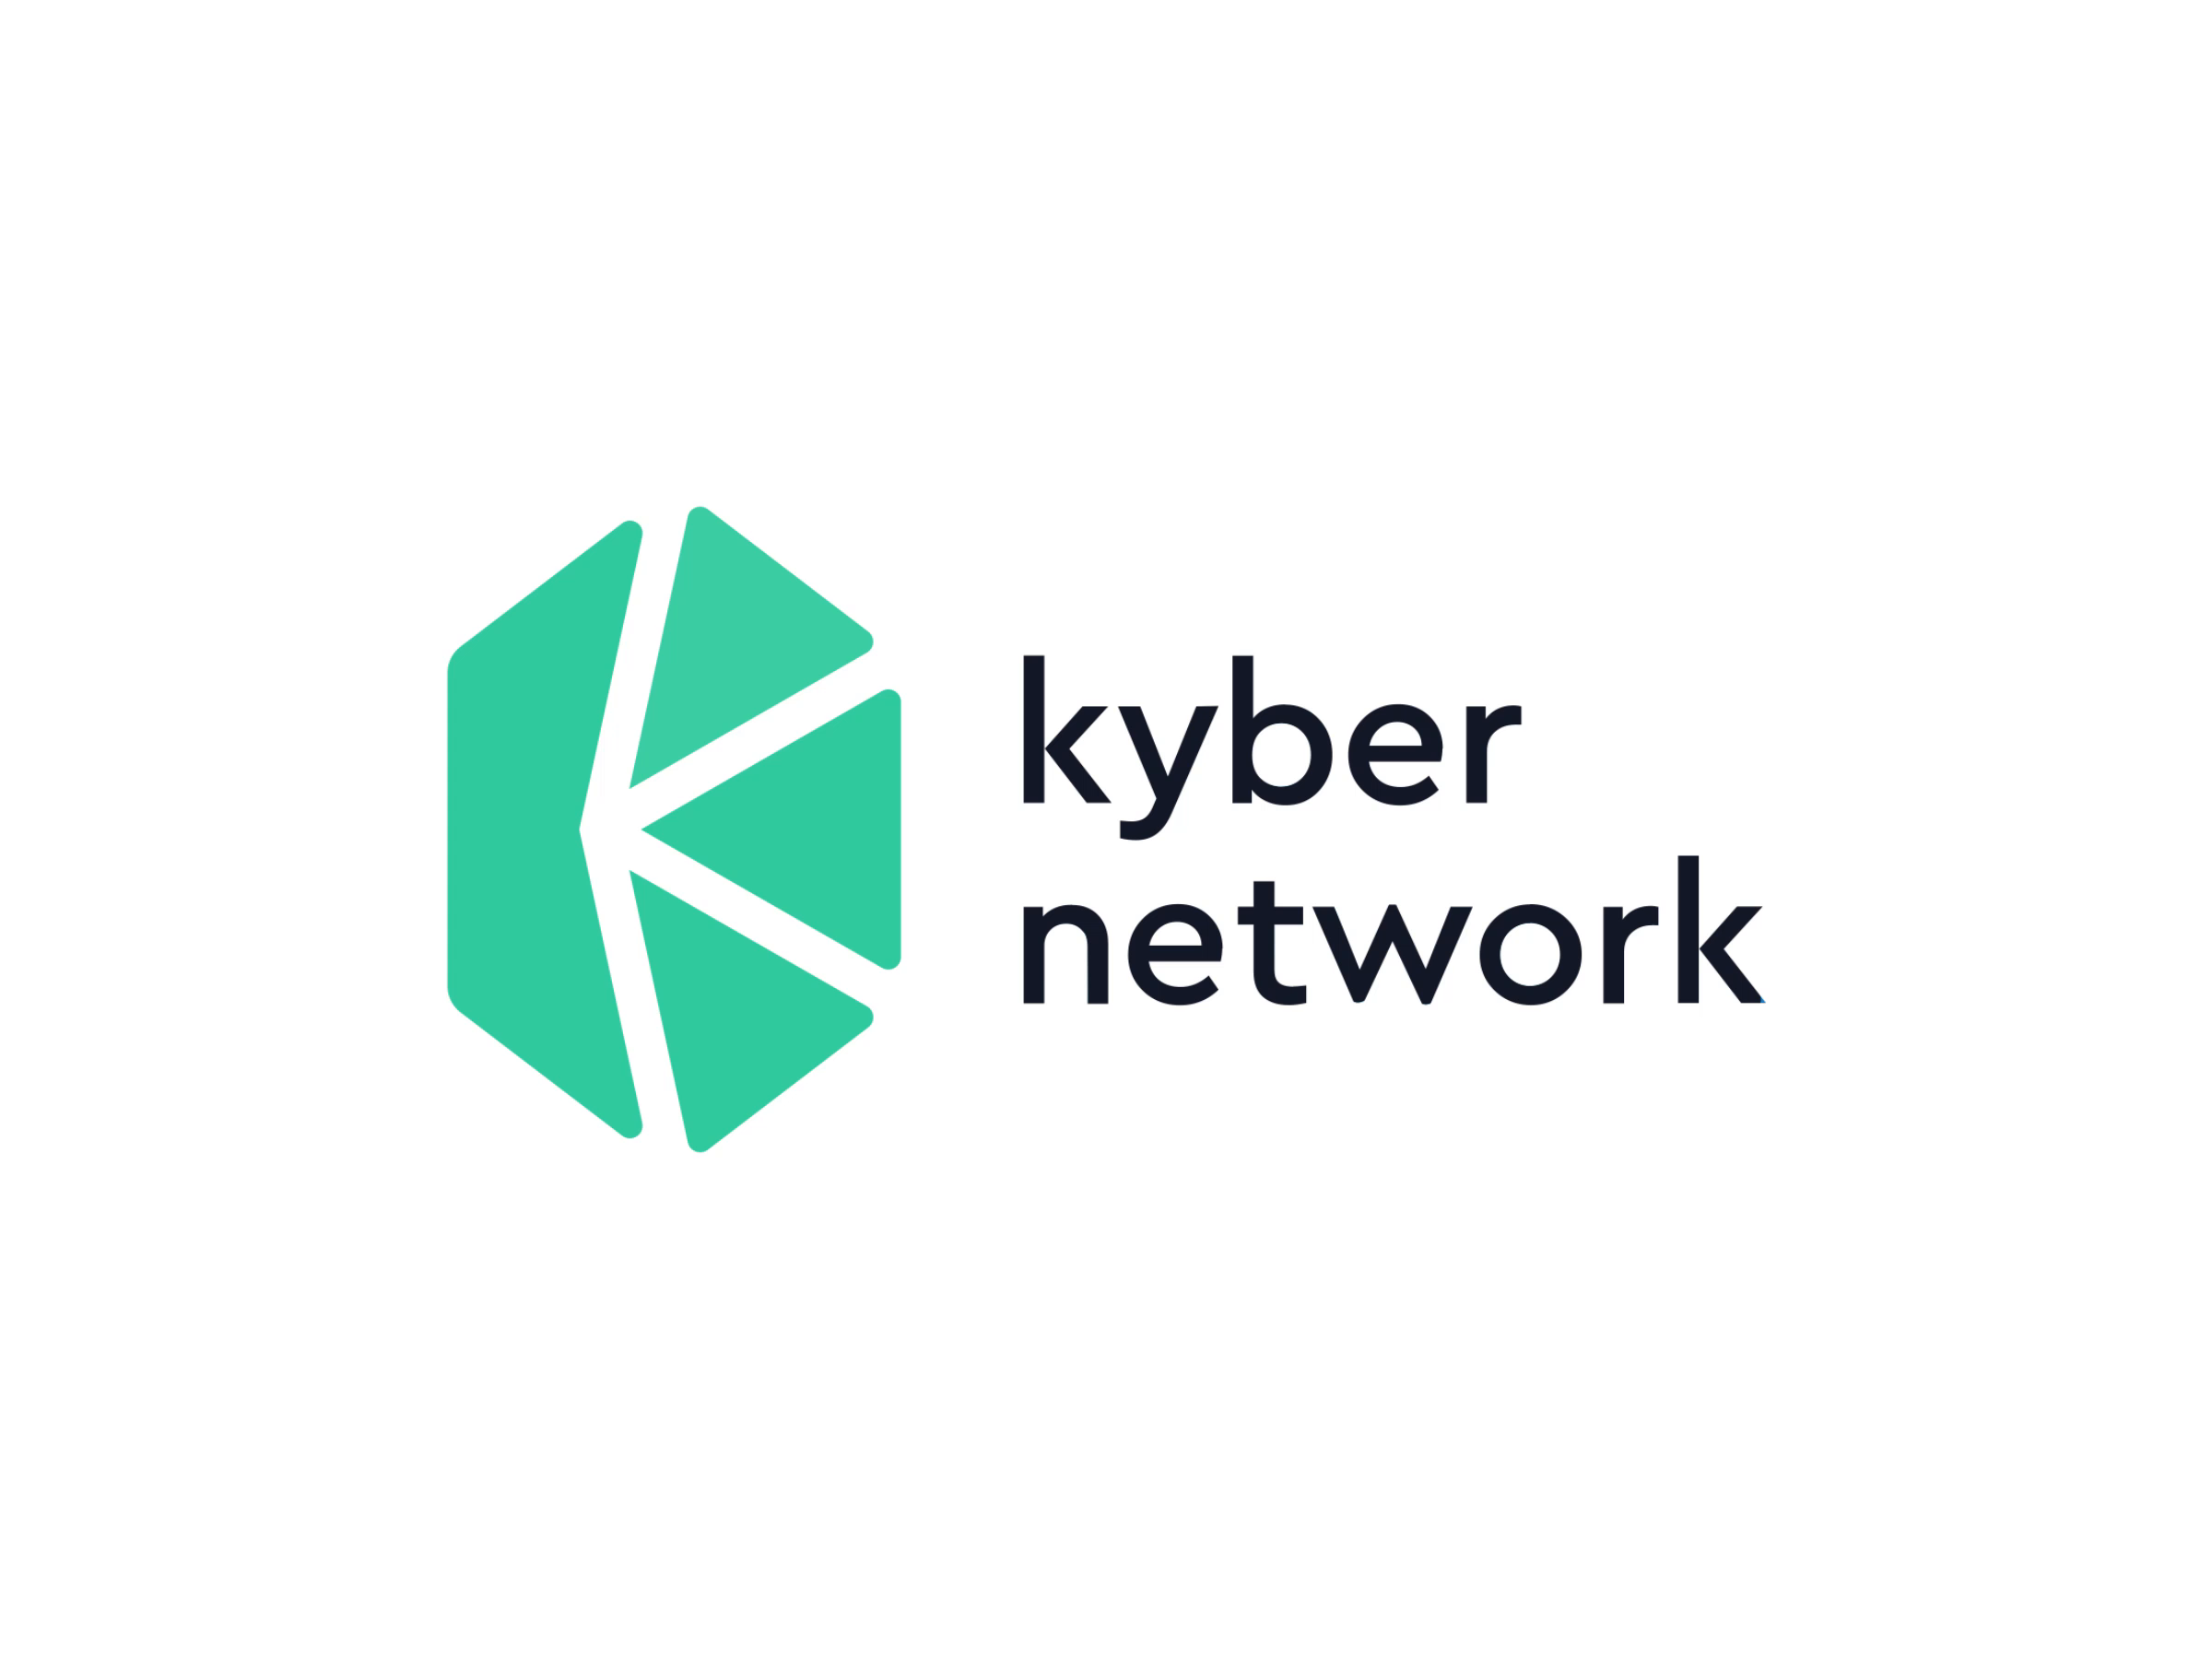 Kyber network branding